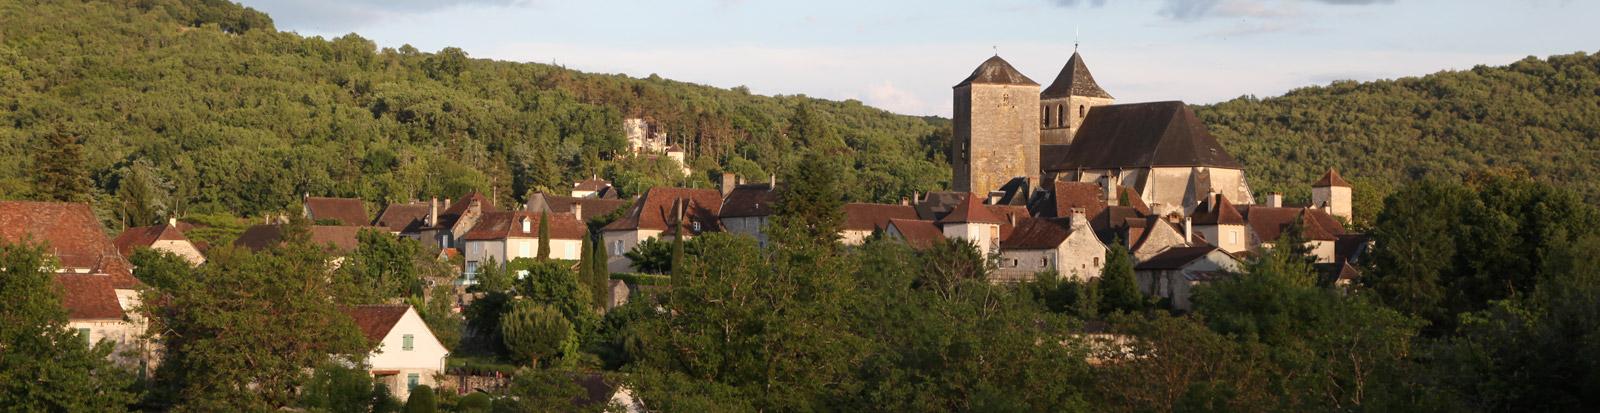 Site officiel de la mairie de Floirac (Lot) |